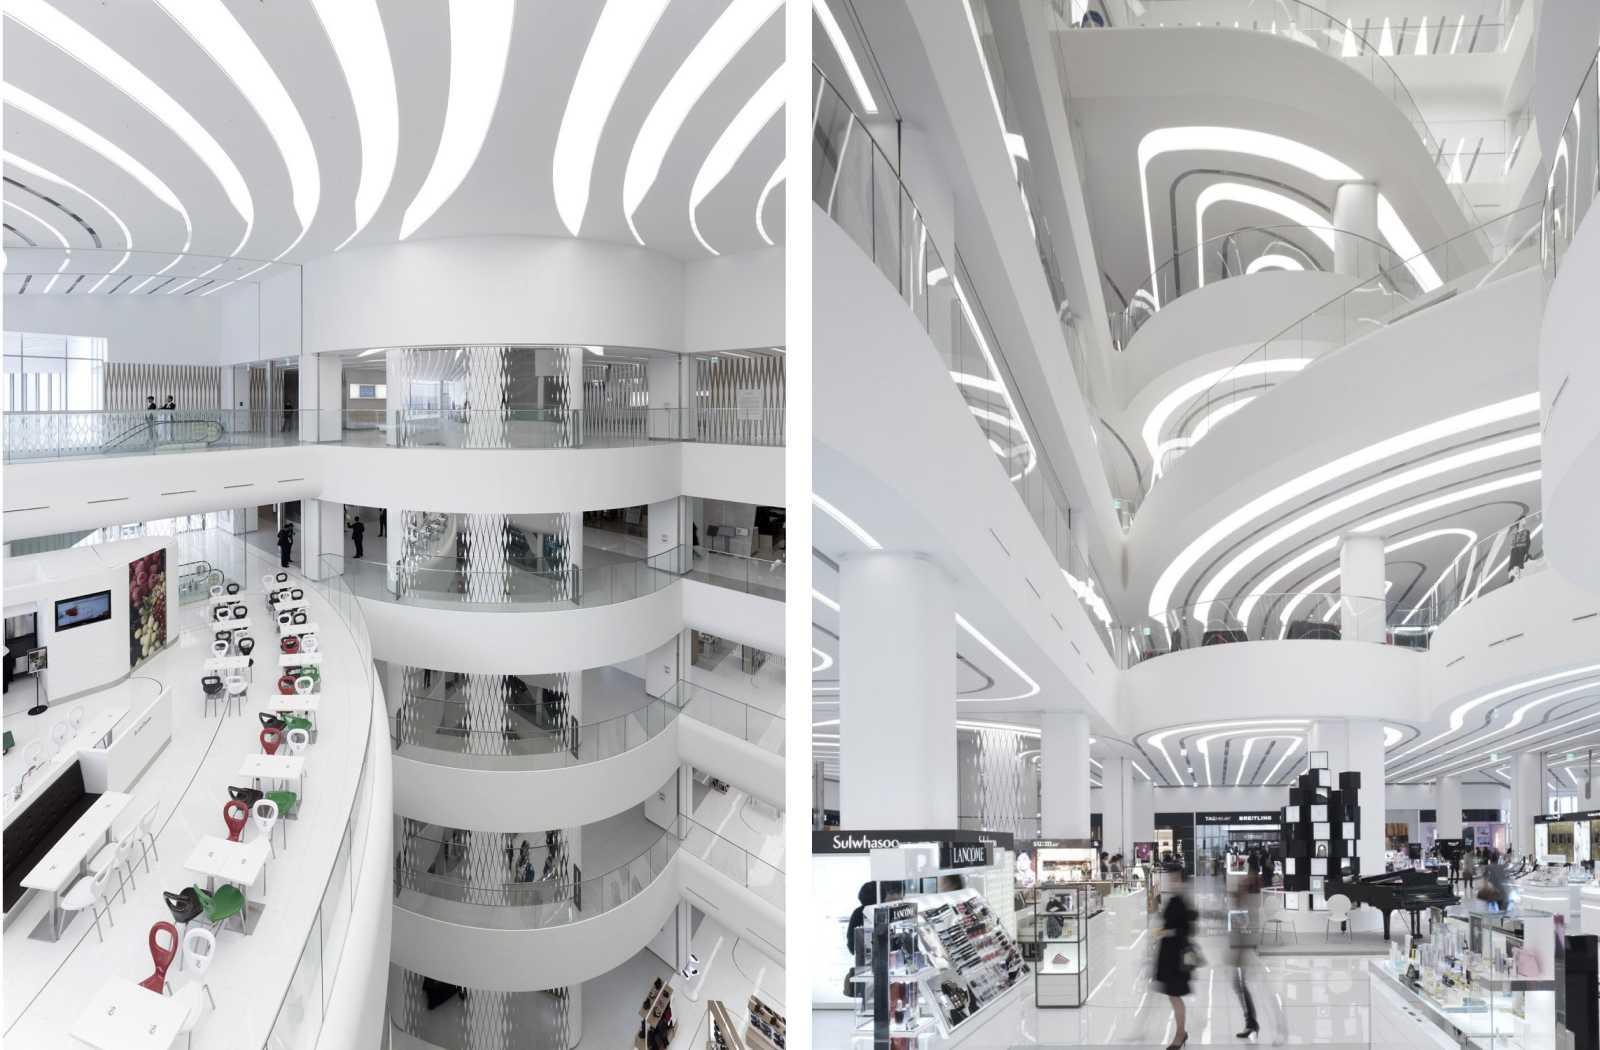 Galleria centercity by unstudio for Un studio architecture